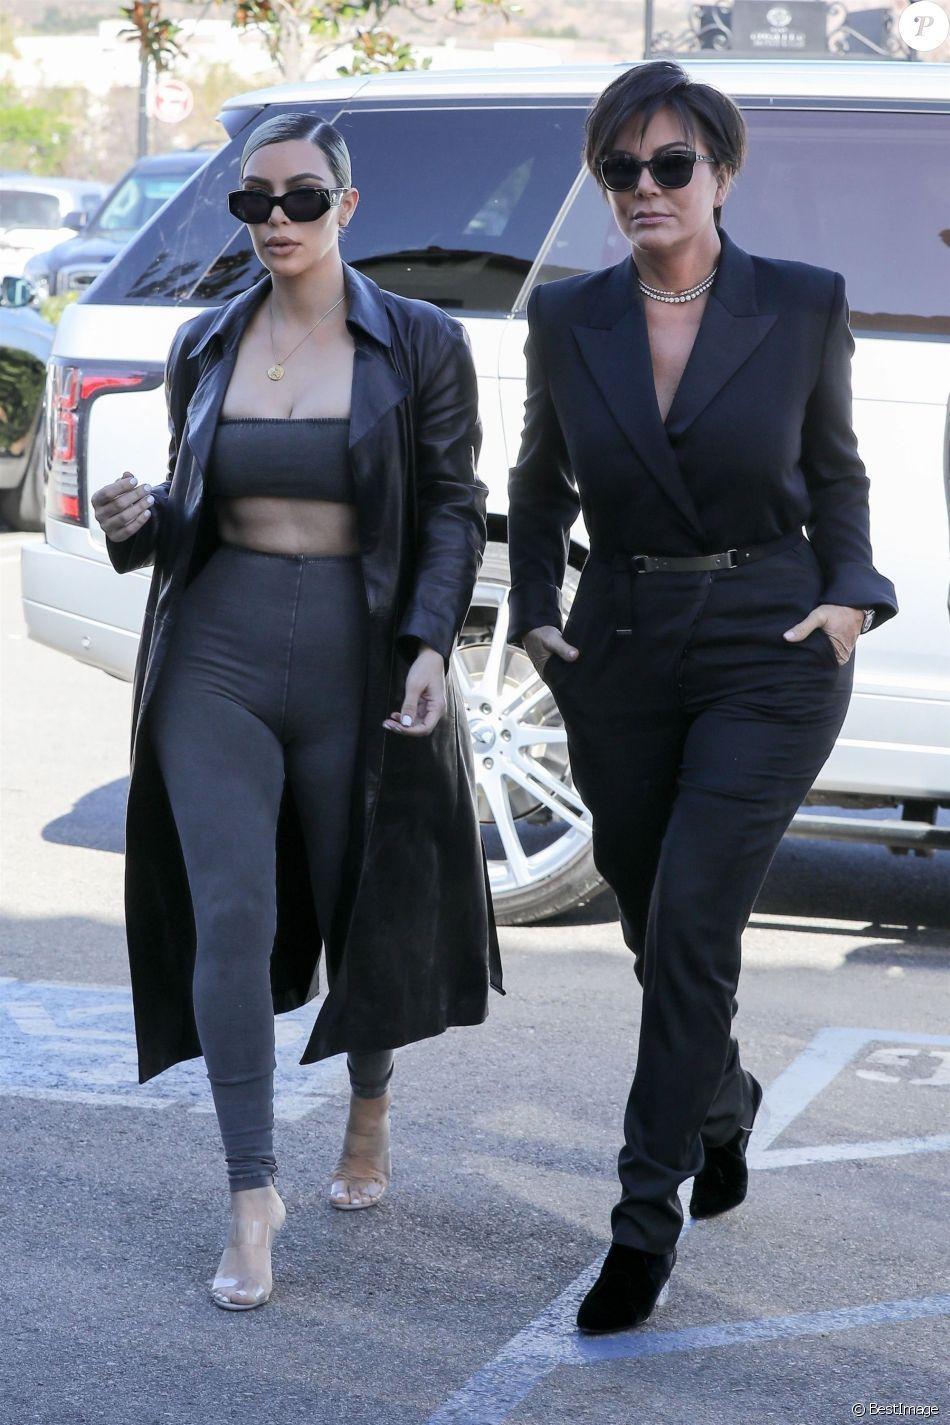 Exclusif , Kim Kardashian est allée déjeuner avec sa mère Kris Jenner et  son ex beau,frère Scott Disick à Los Angeles, le 8 février 2018 Exclusive ,  Reality